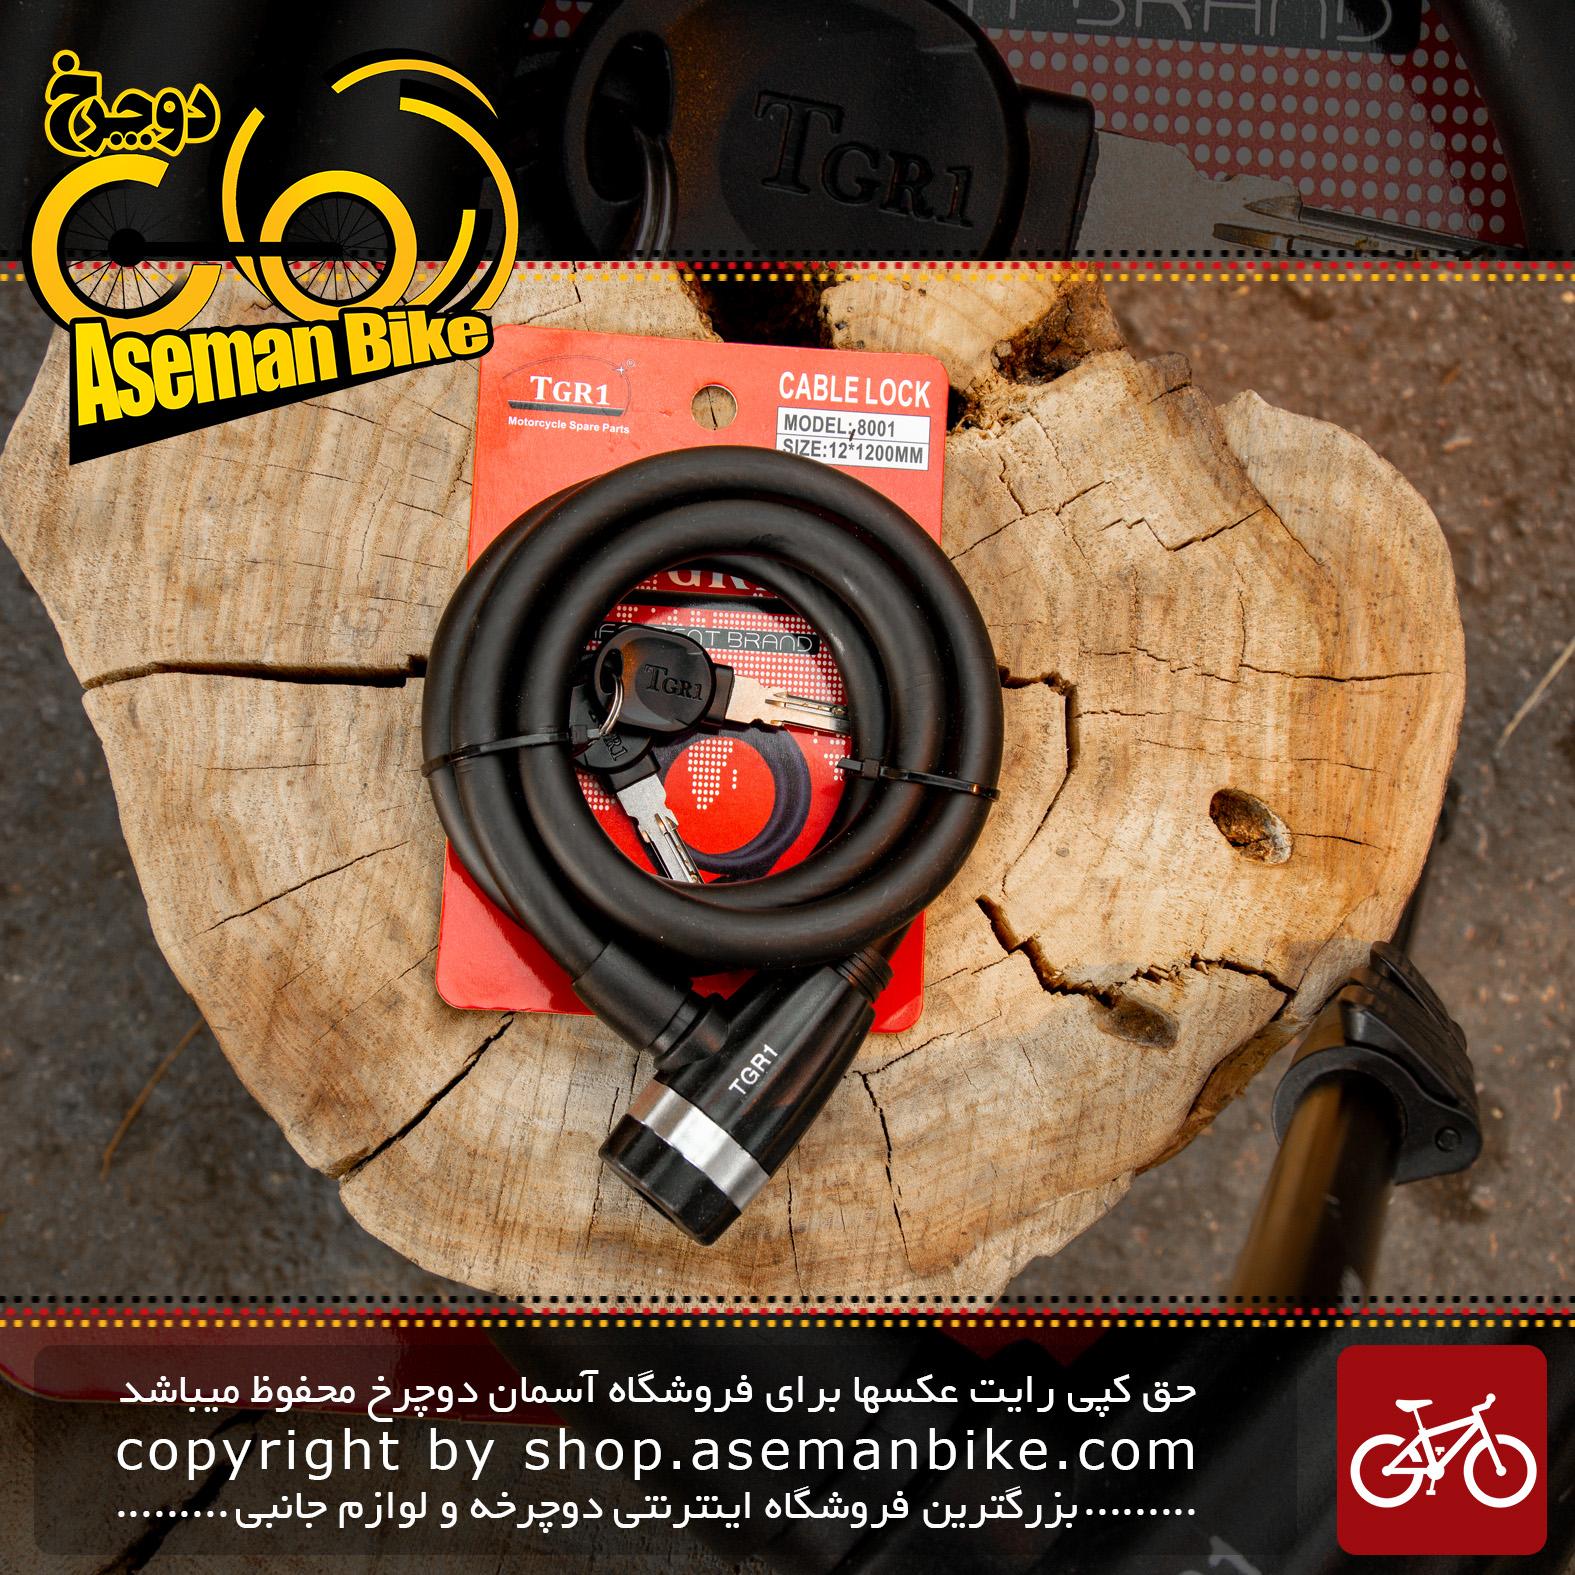 قفل دوچرخه برند تی جی آر وان مدل 8001 سایز 12 در 1200 میلیمتر Cable Lock For Bicycle TGR1 Brand model No.8001 12x1200mm